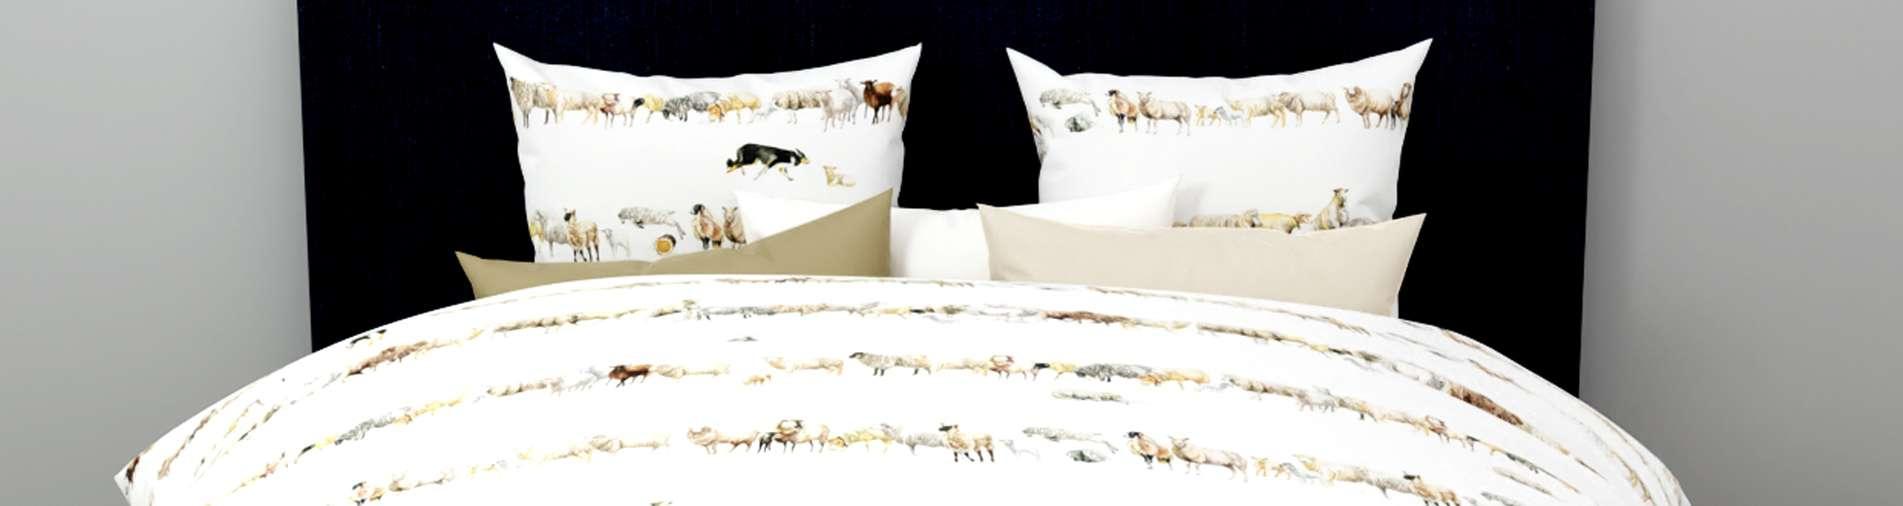 Counting Sheep Bettwäsche von Christian Fischbacher